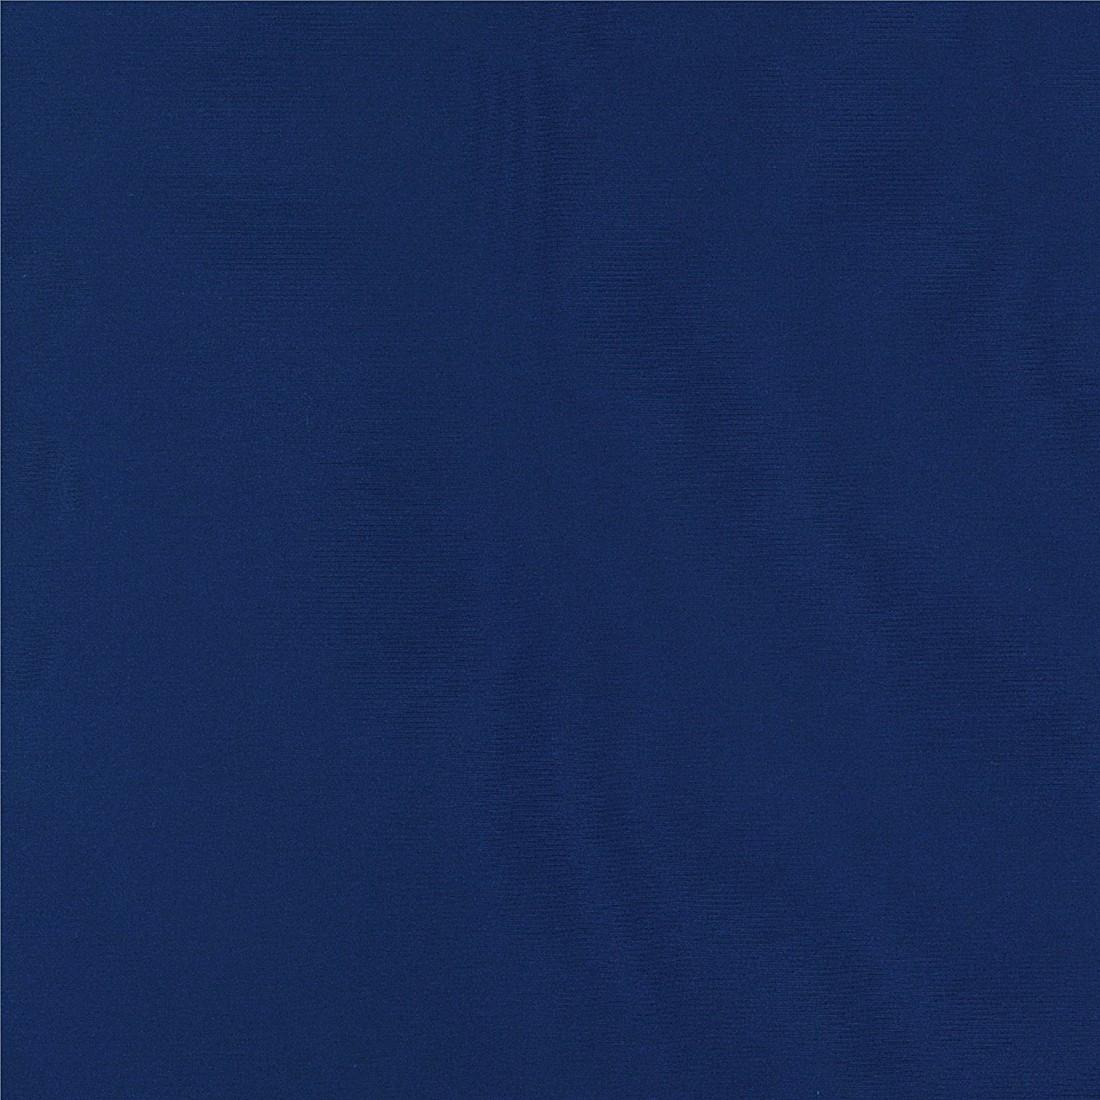 Tischdecke Country – Marine – 170 x 170 cm, Villeroy&Boch bestellen